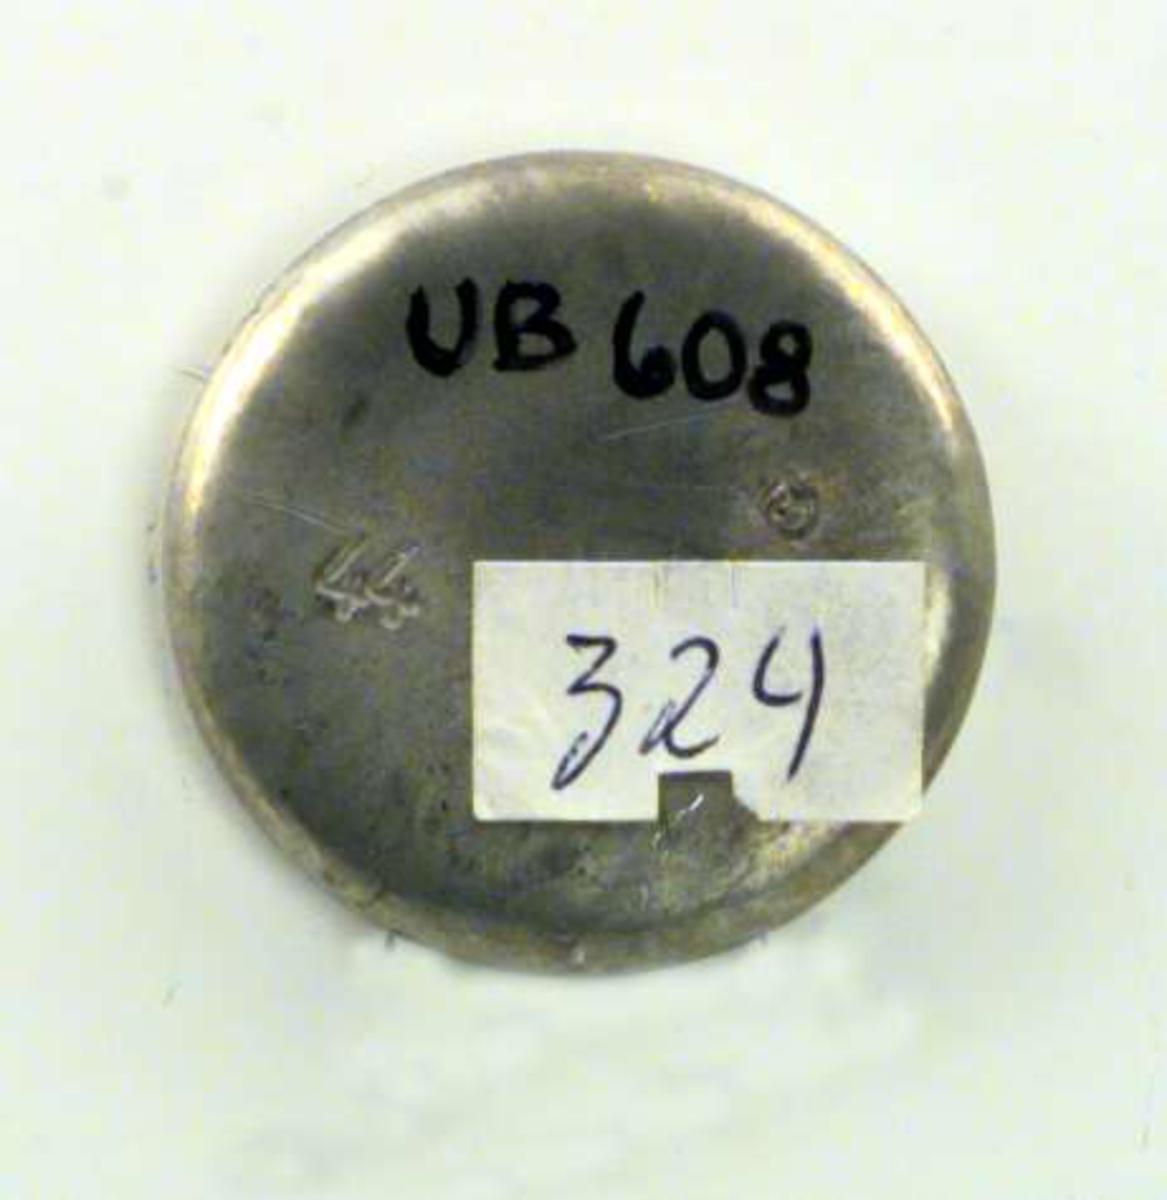 Medaljong i sølv. Motivet på medaljongen er en kirke og den har inskripsjonen SCT. HANS 1981.